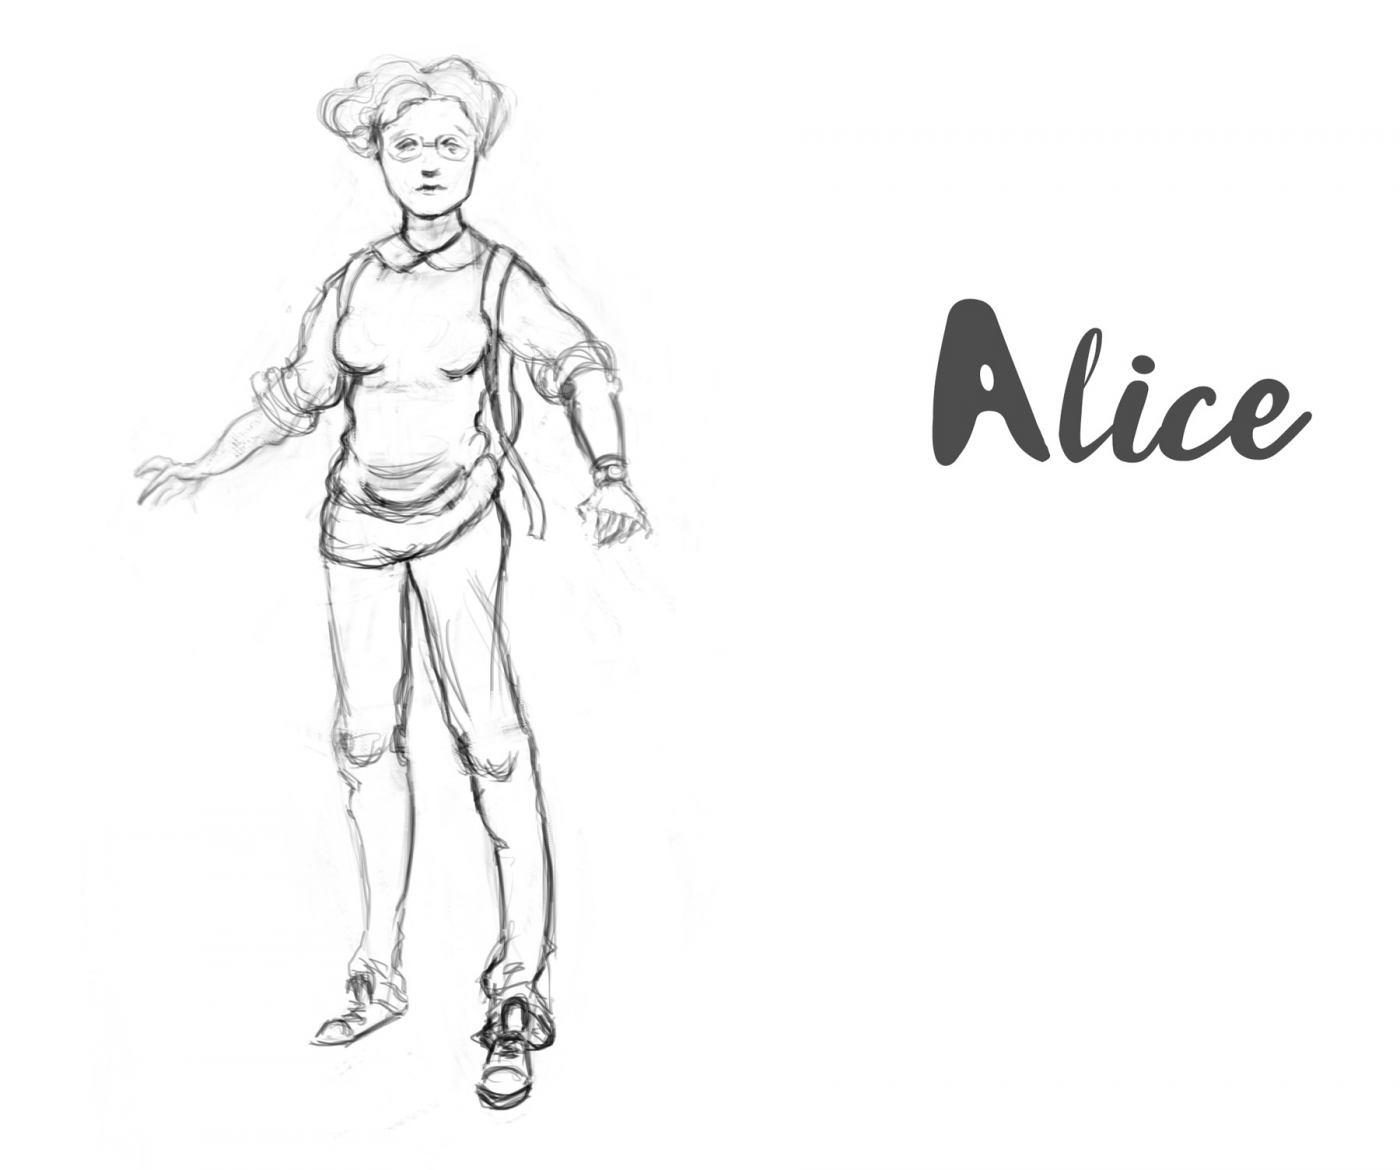 alice_01